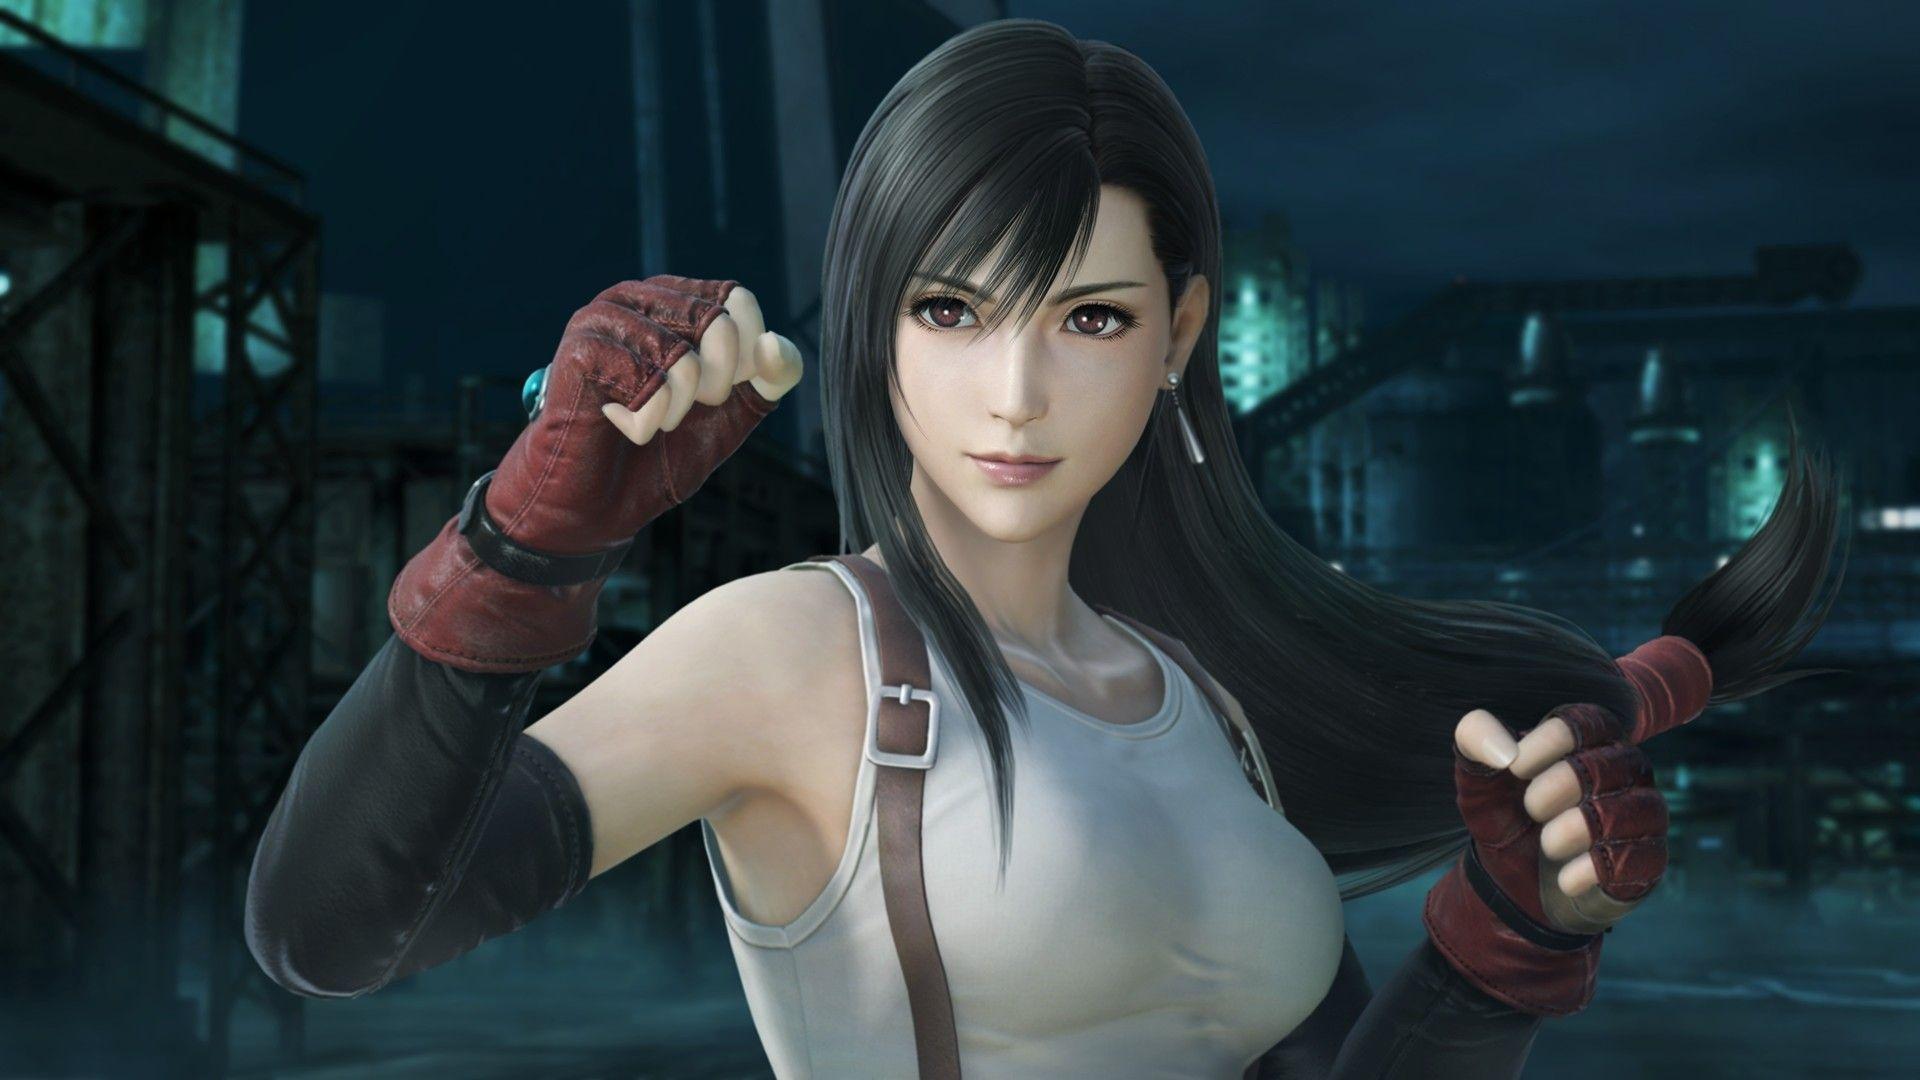 В базе данных PSN нашли обложку демо-версии Final Fantasy VII Remake